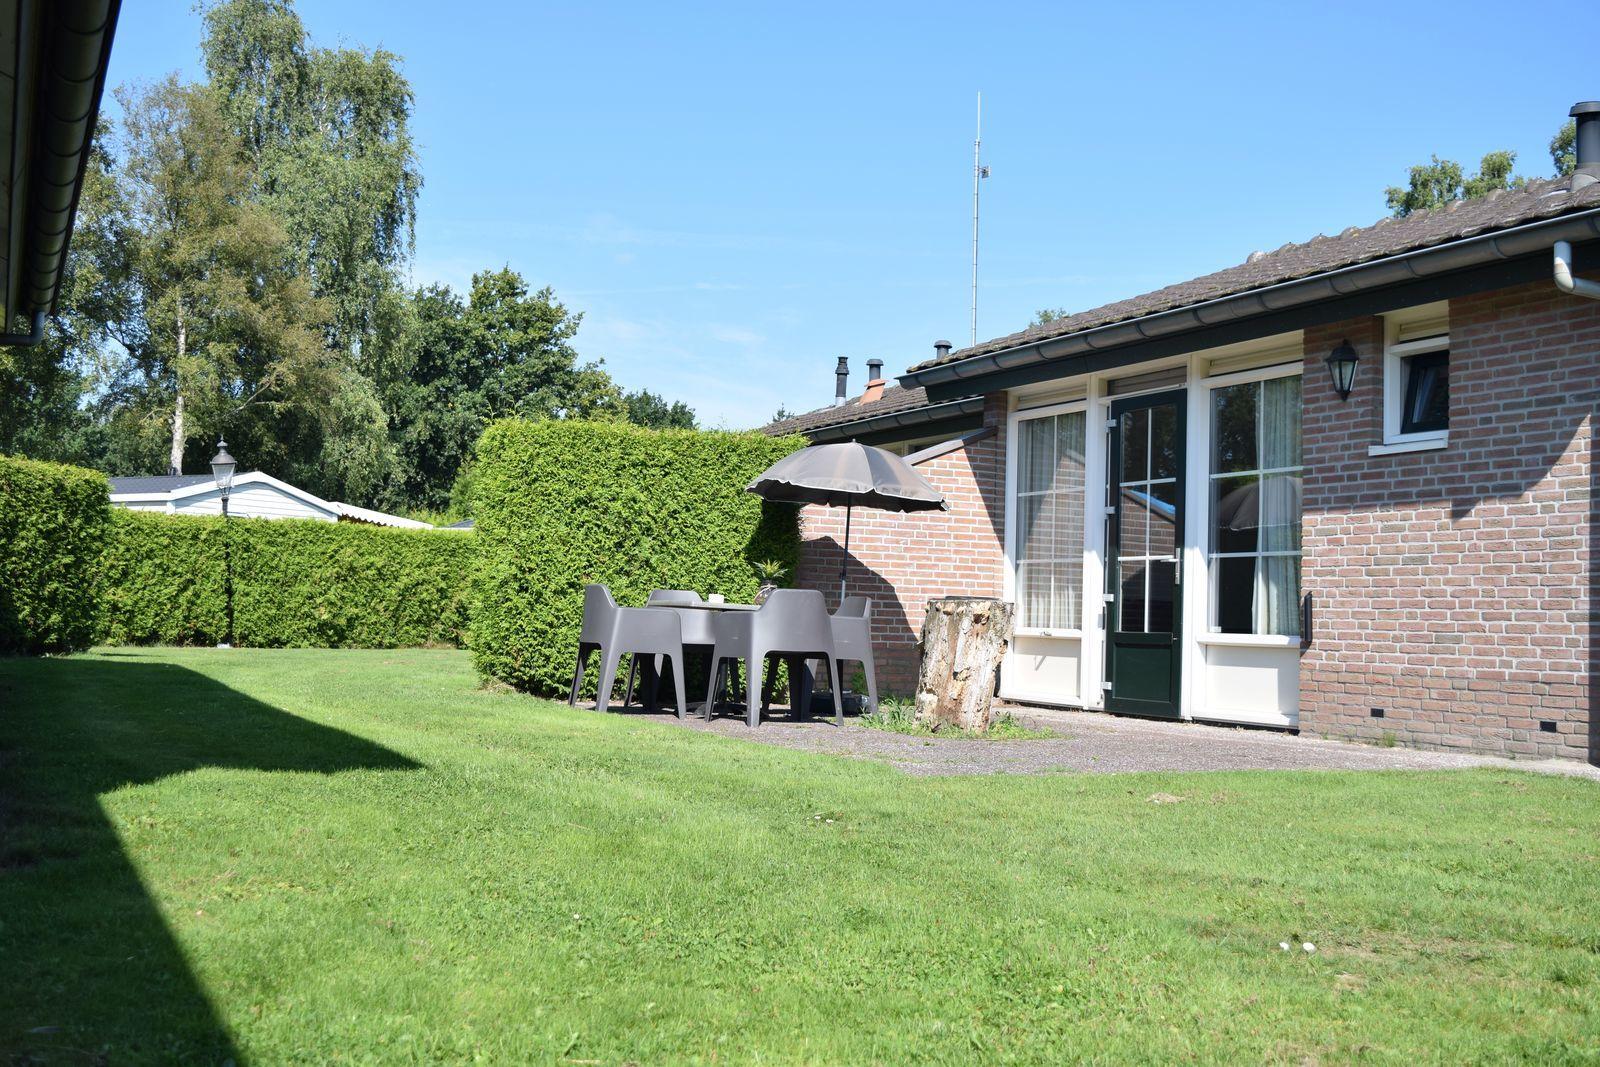 10-persoons bungalow Bunckman